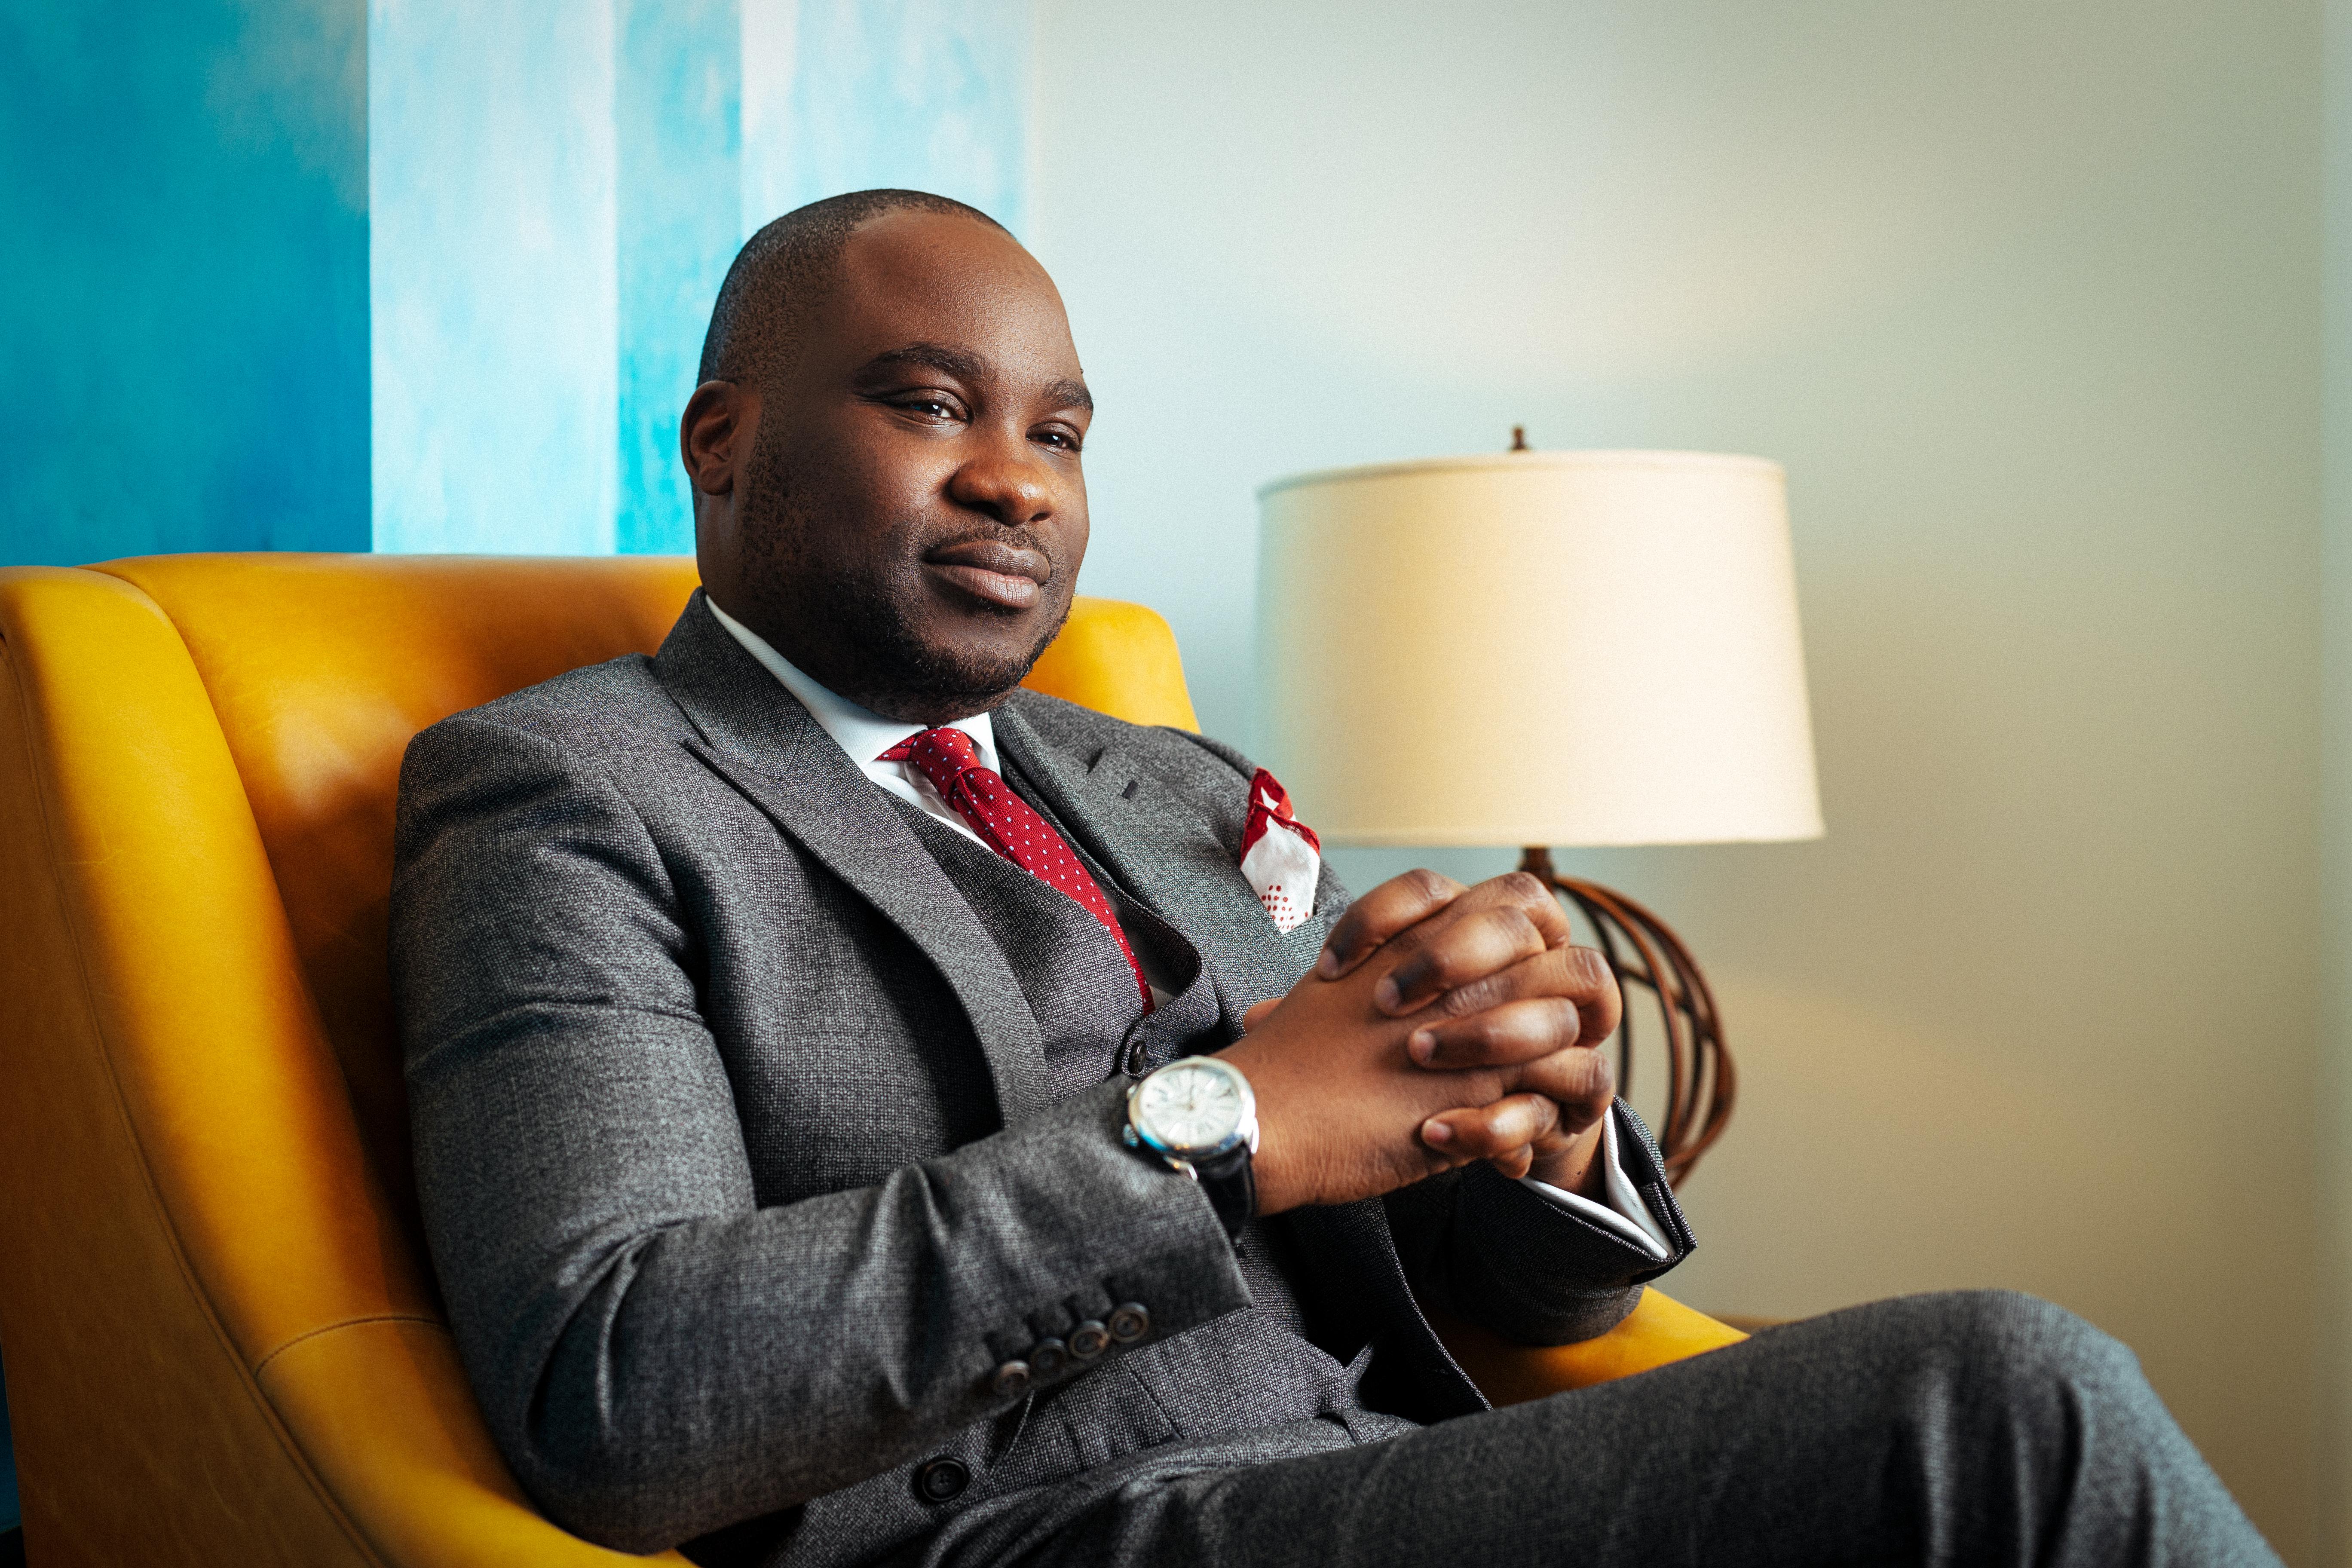 lux-afrique-boutique-luxury-ecommerce-africa-bou-tique